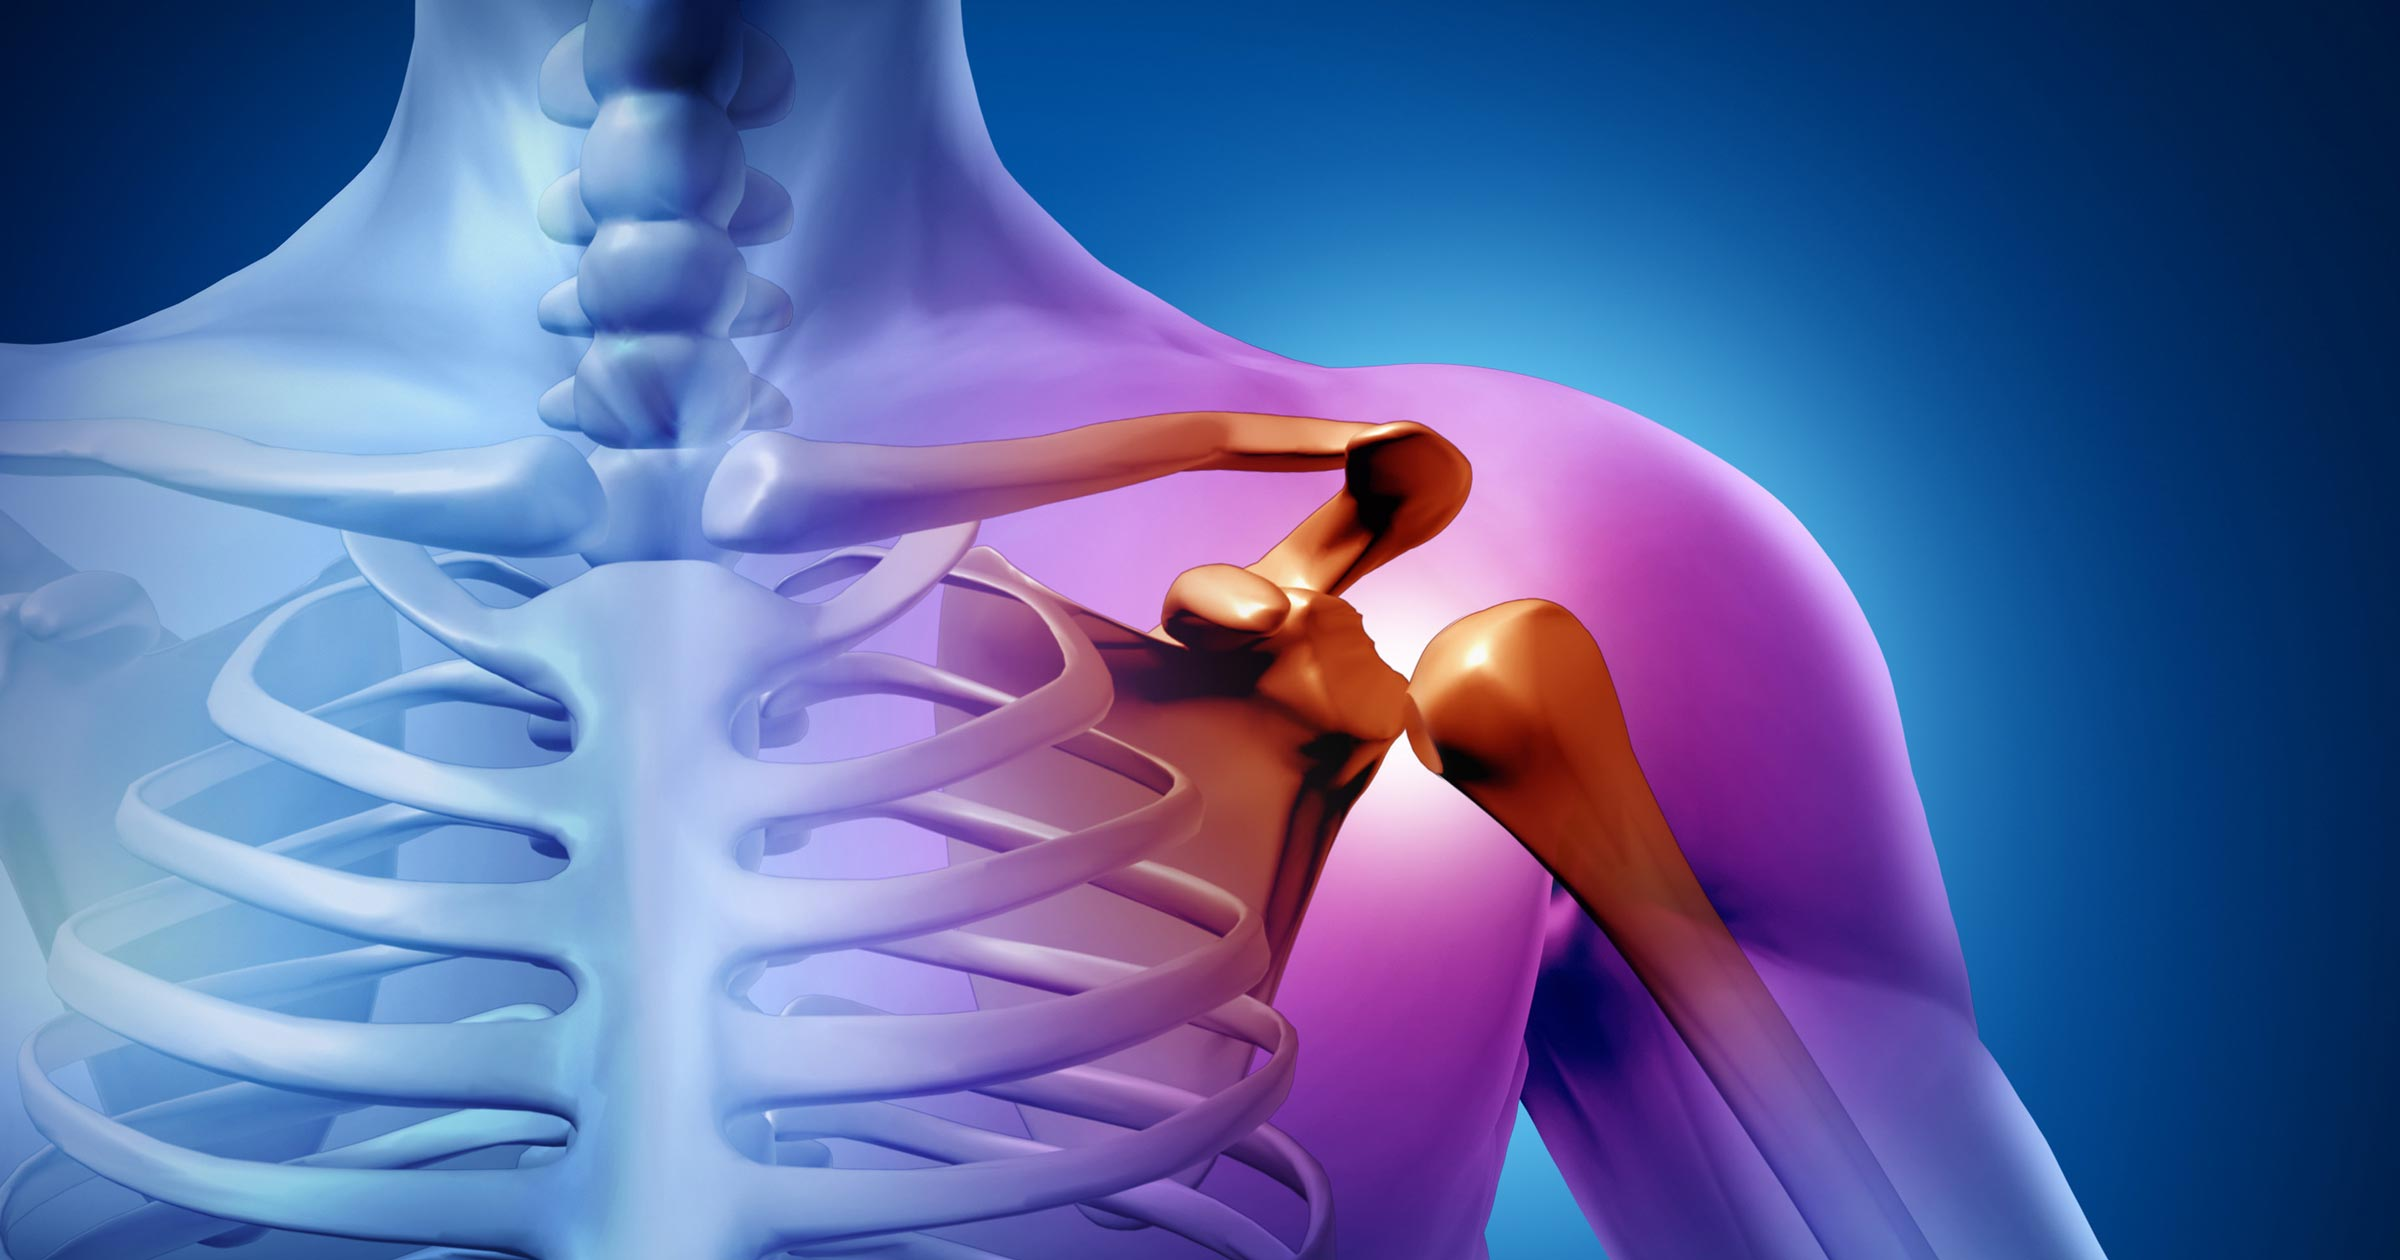 Shoulder impingement explained